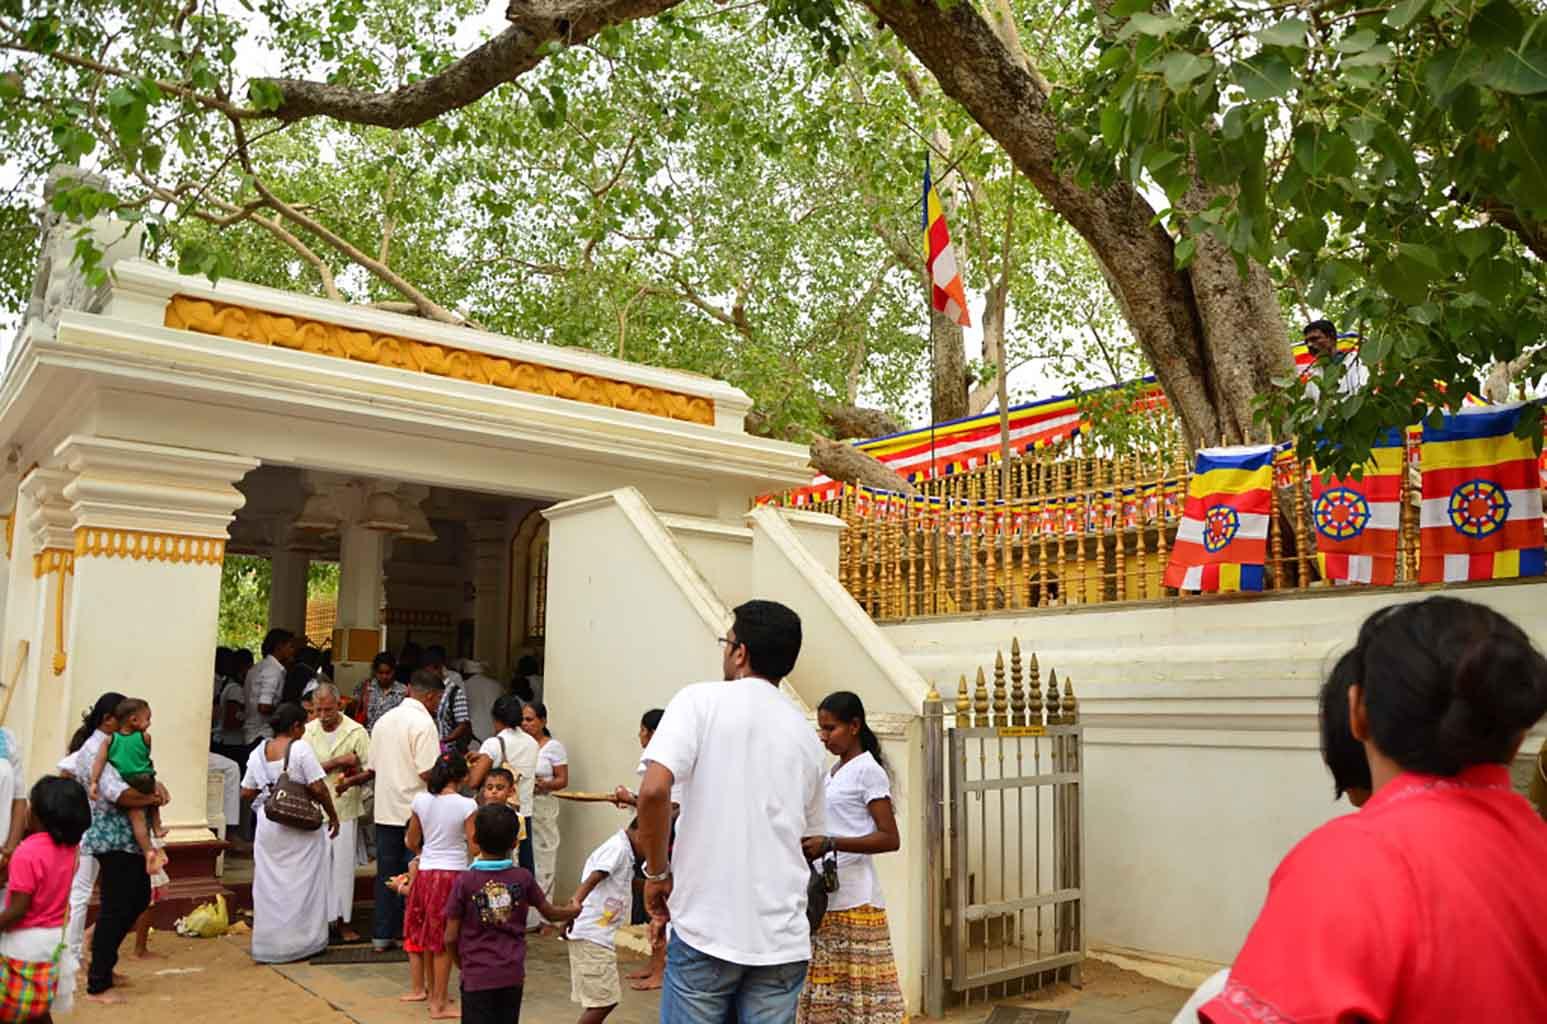 Sri Maha Bodhi. El árbol sagrado de Bodh es el árbol que se trajo de India hace más de 2000 años y bajo el cual Buda fue iluminado